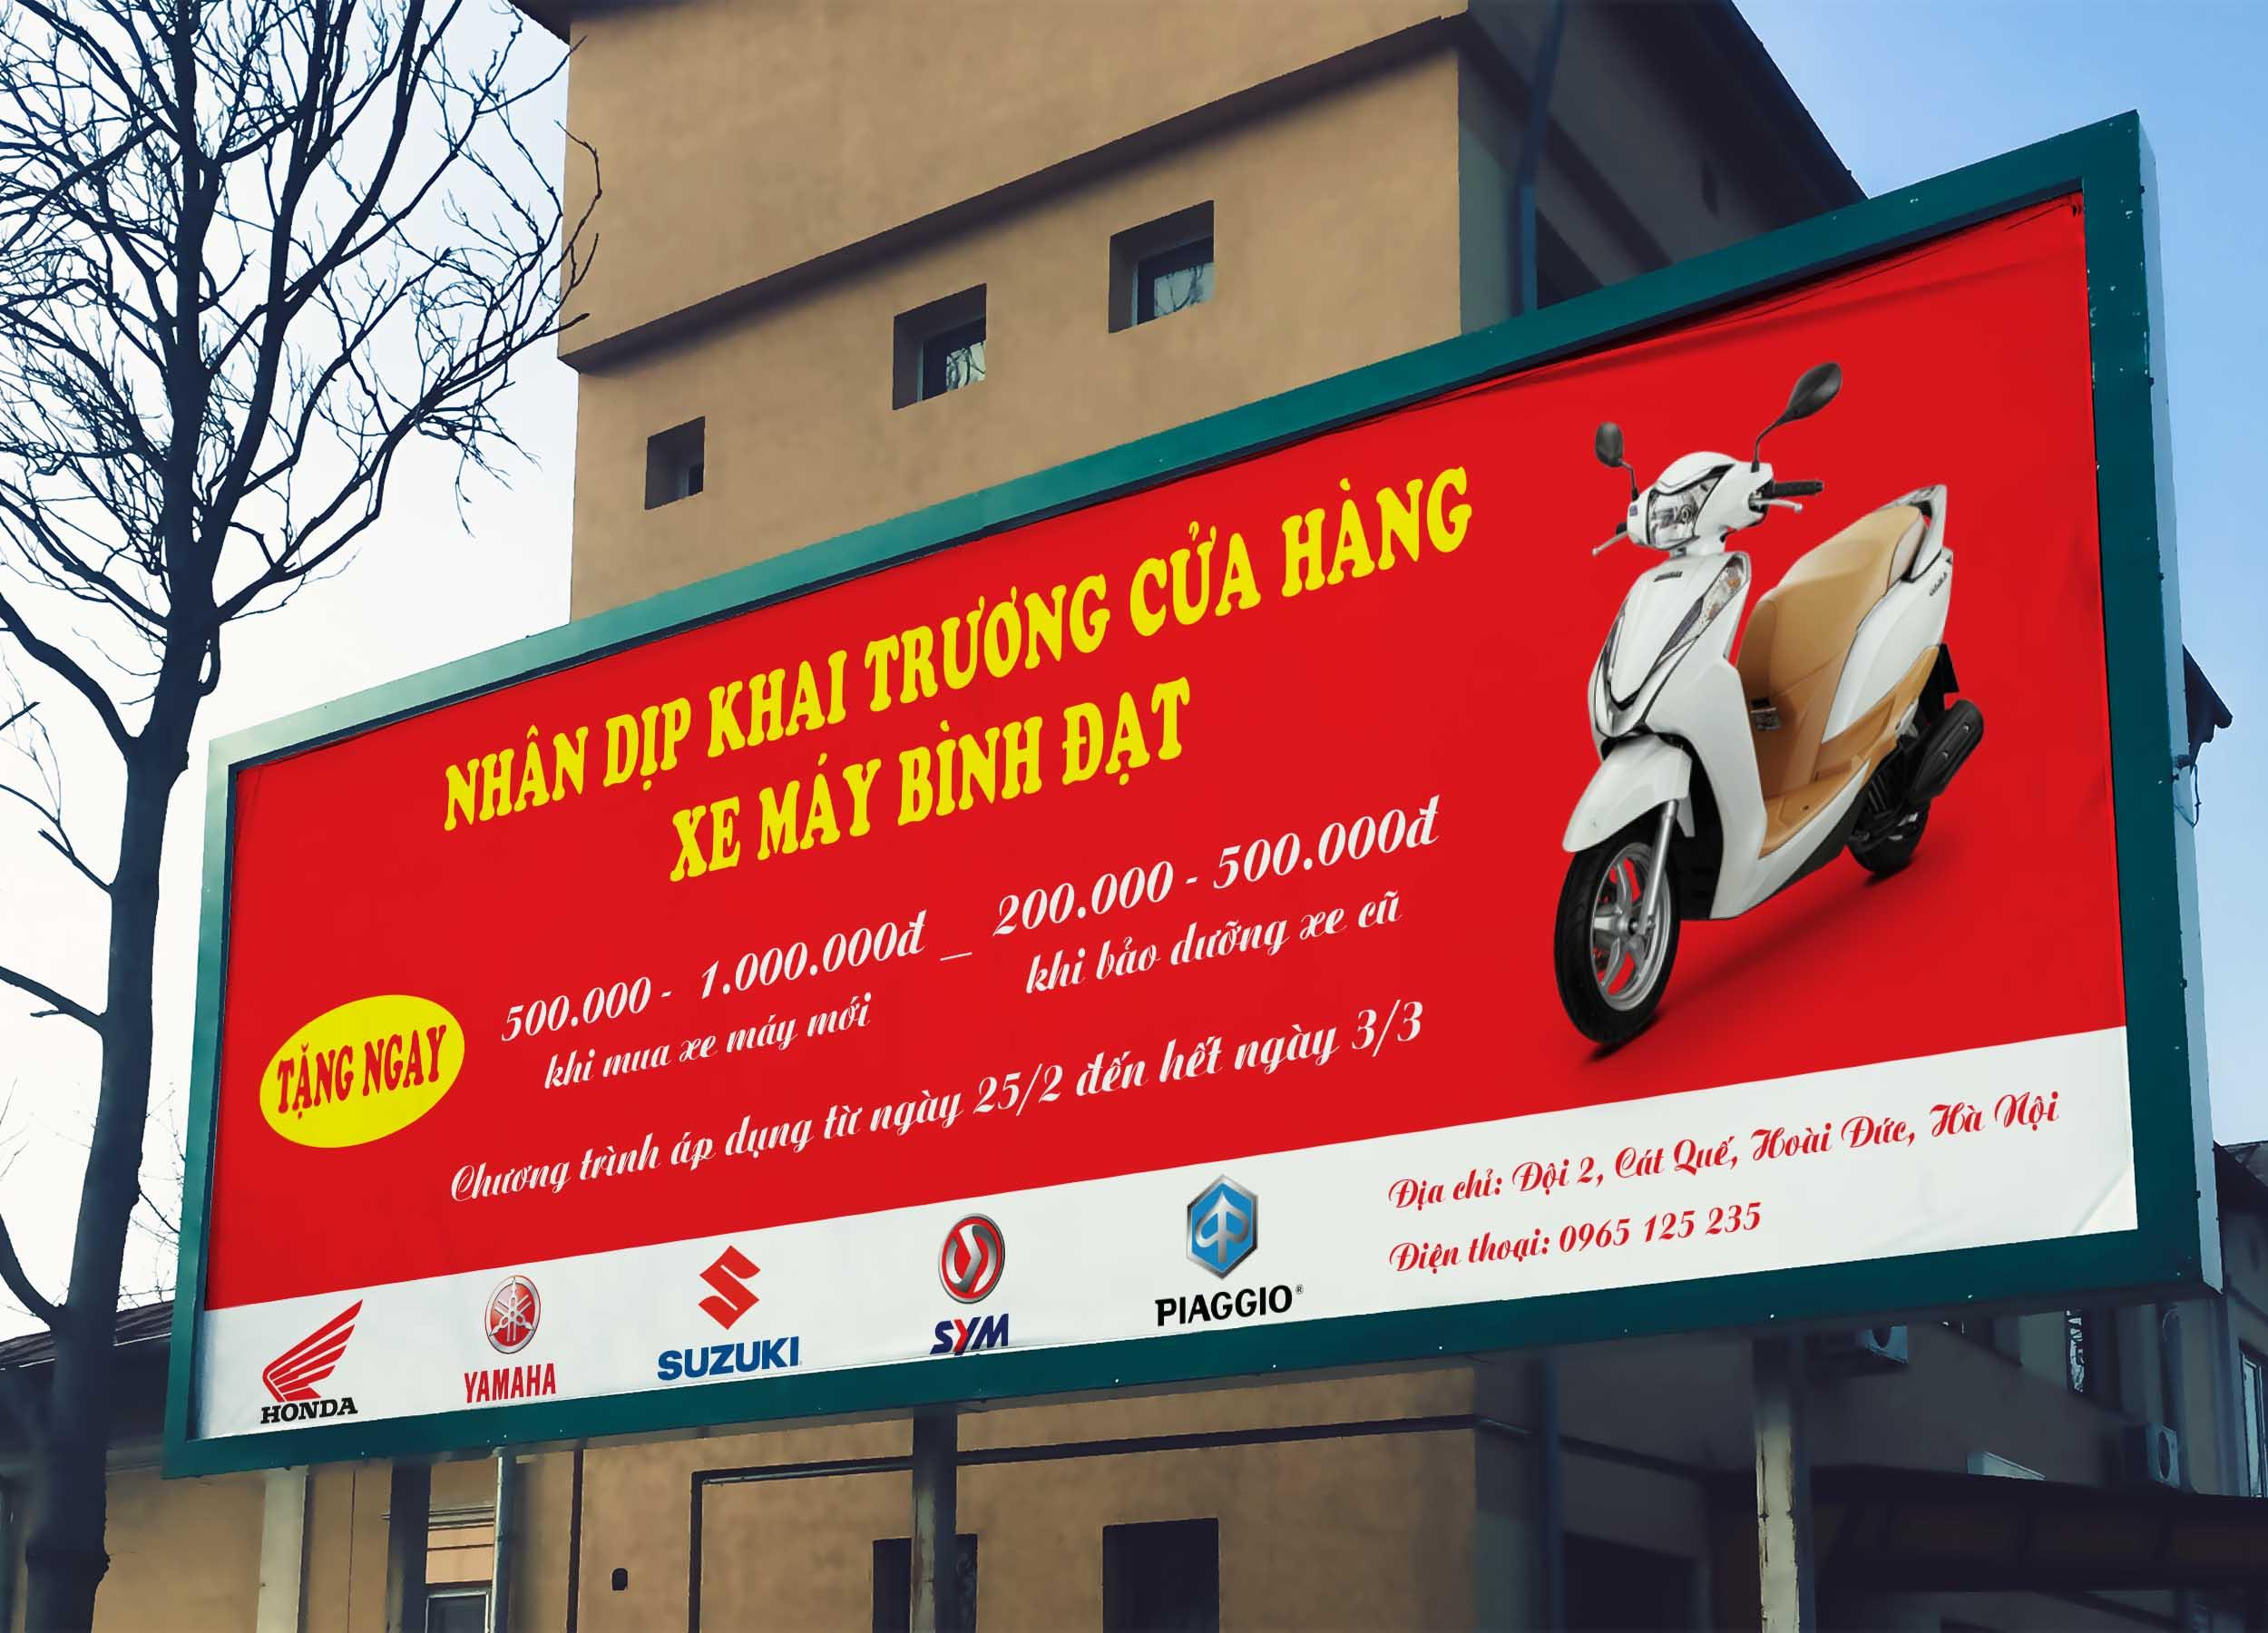 Băng rôn quảng cáo ra mắt